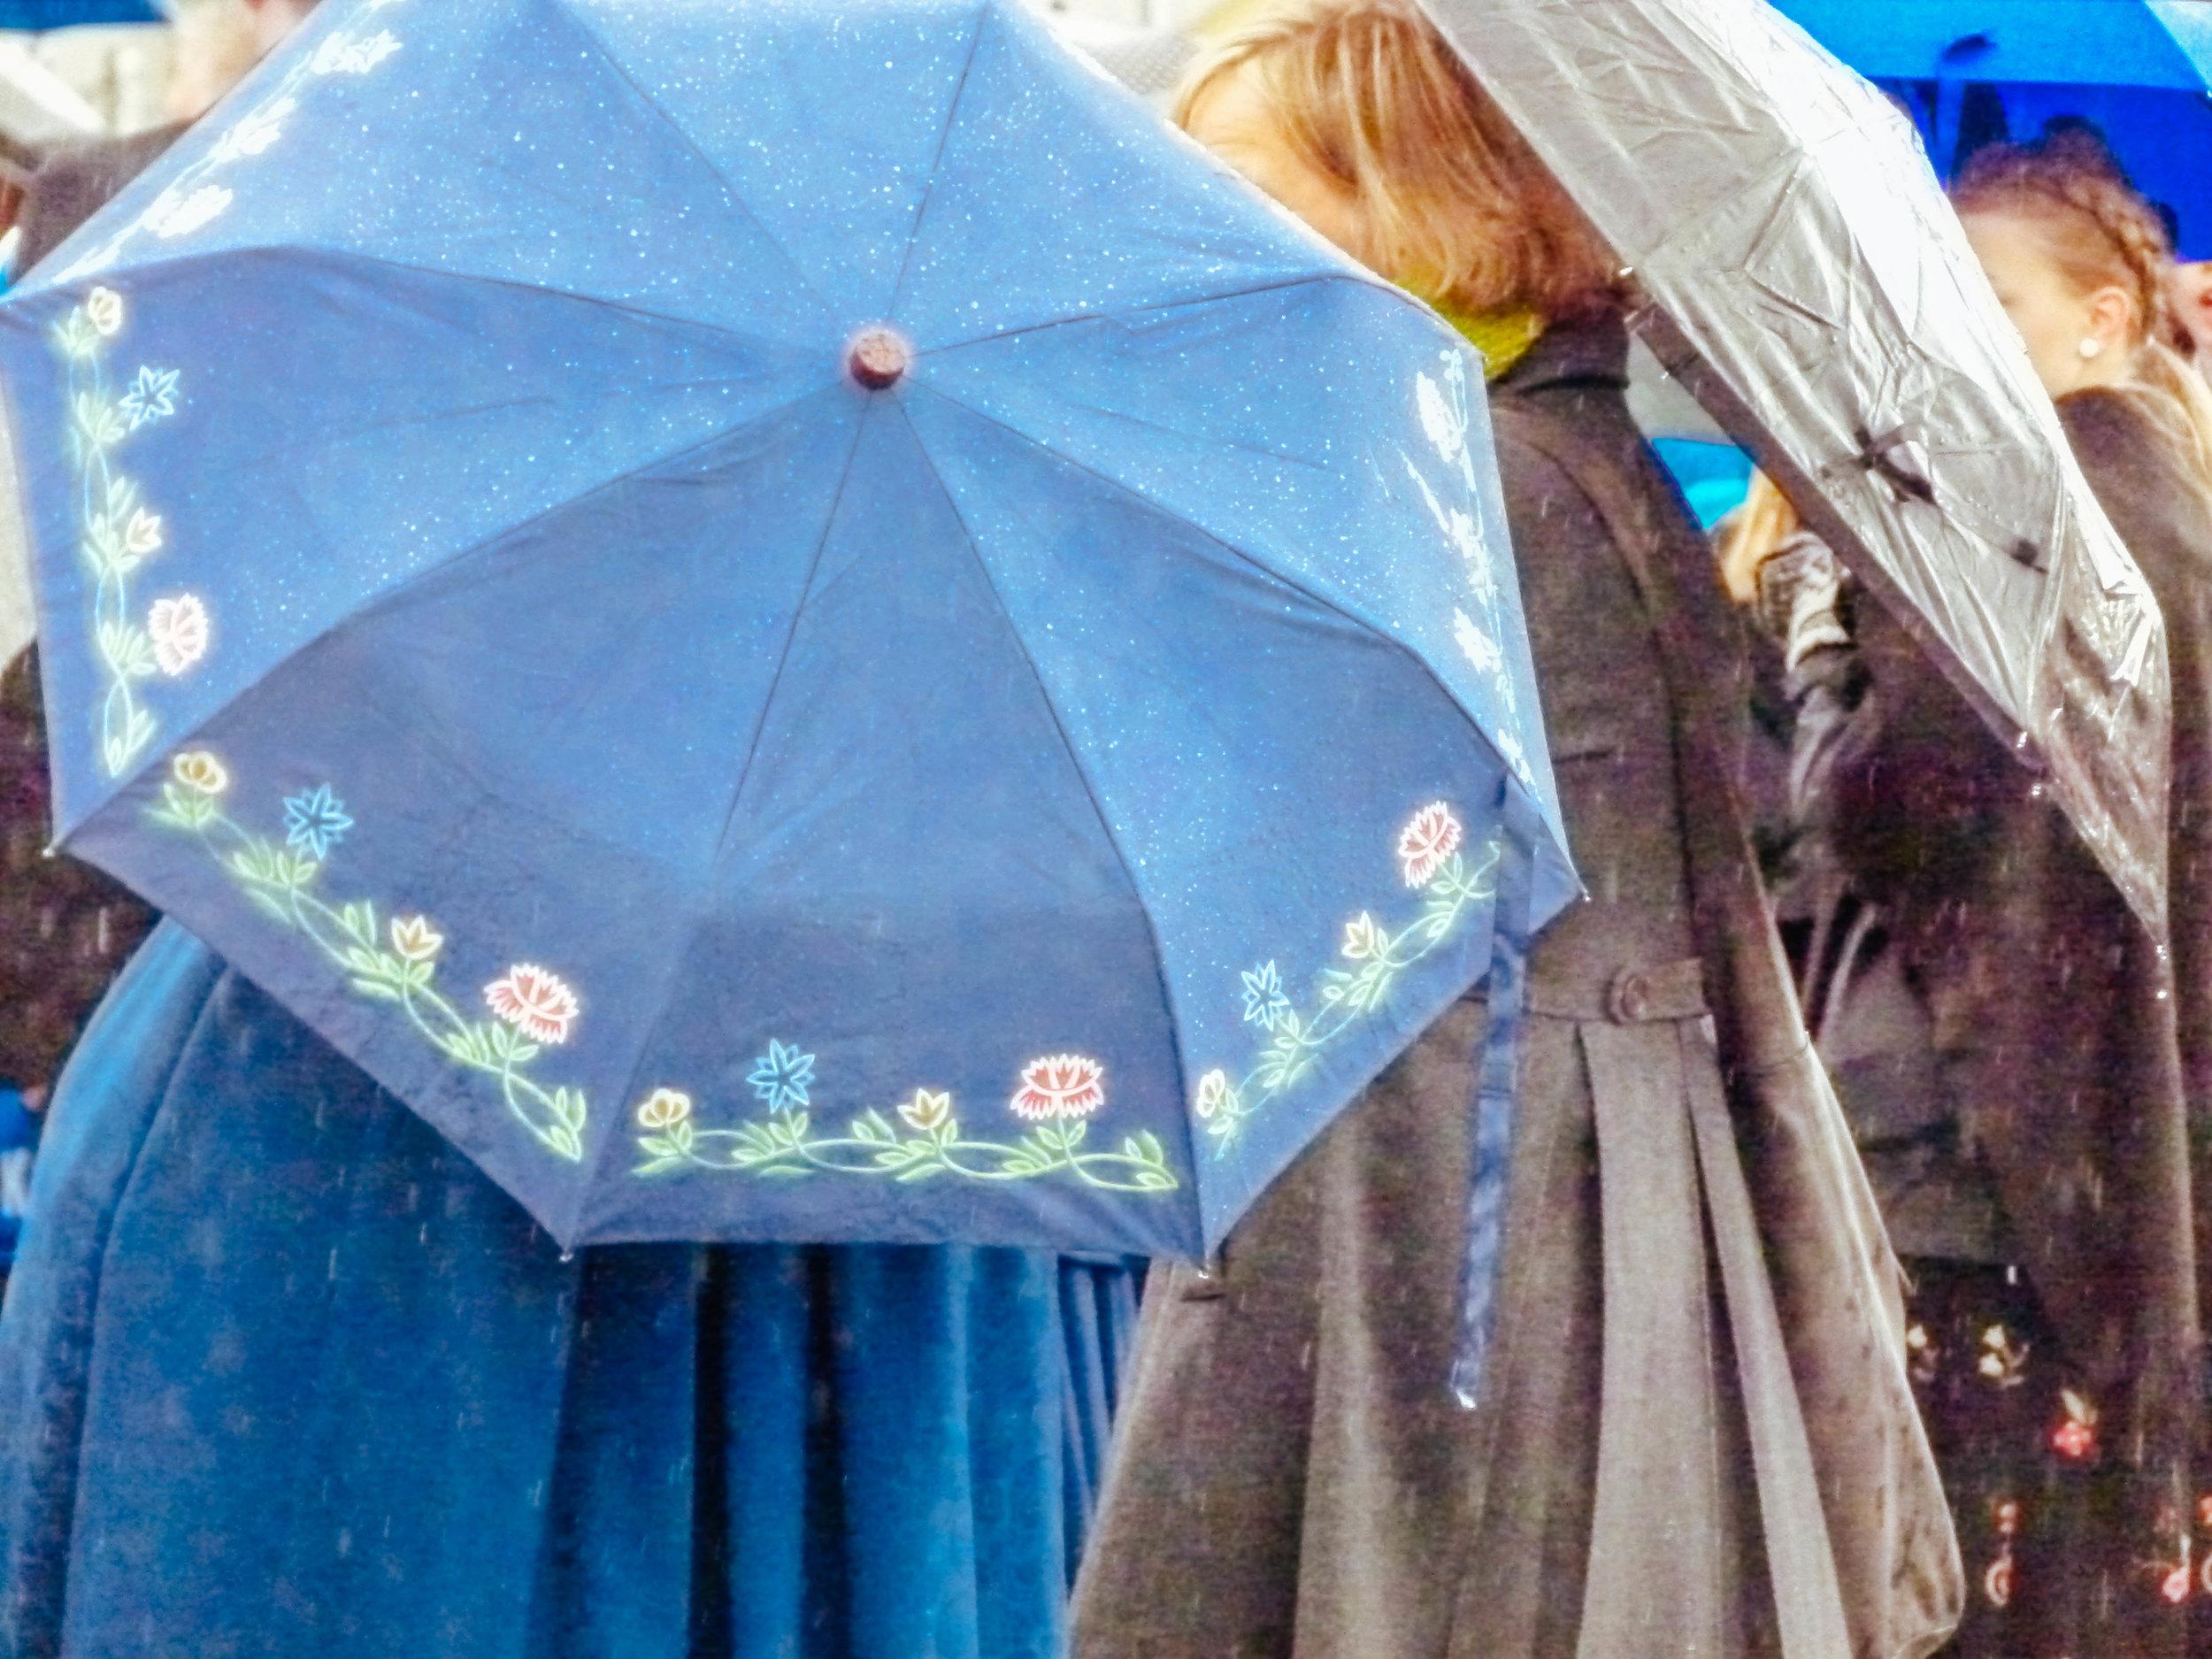 matching umbrellas? Impressive!